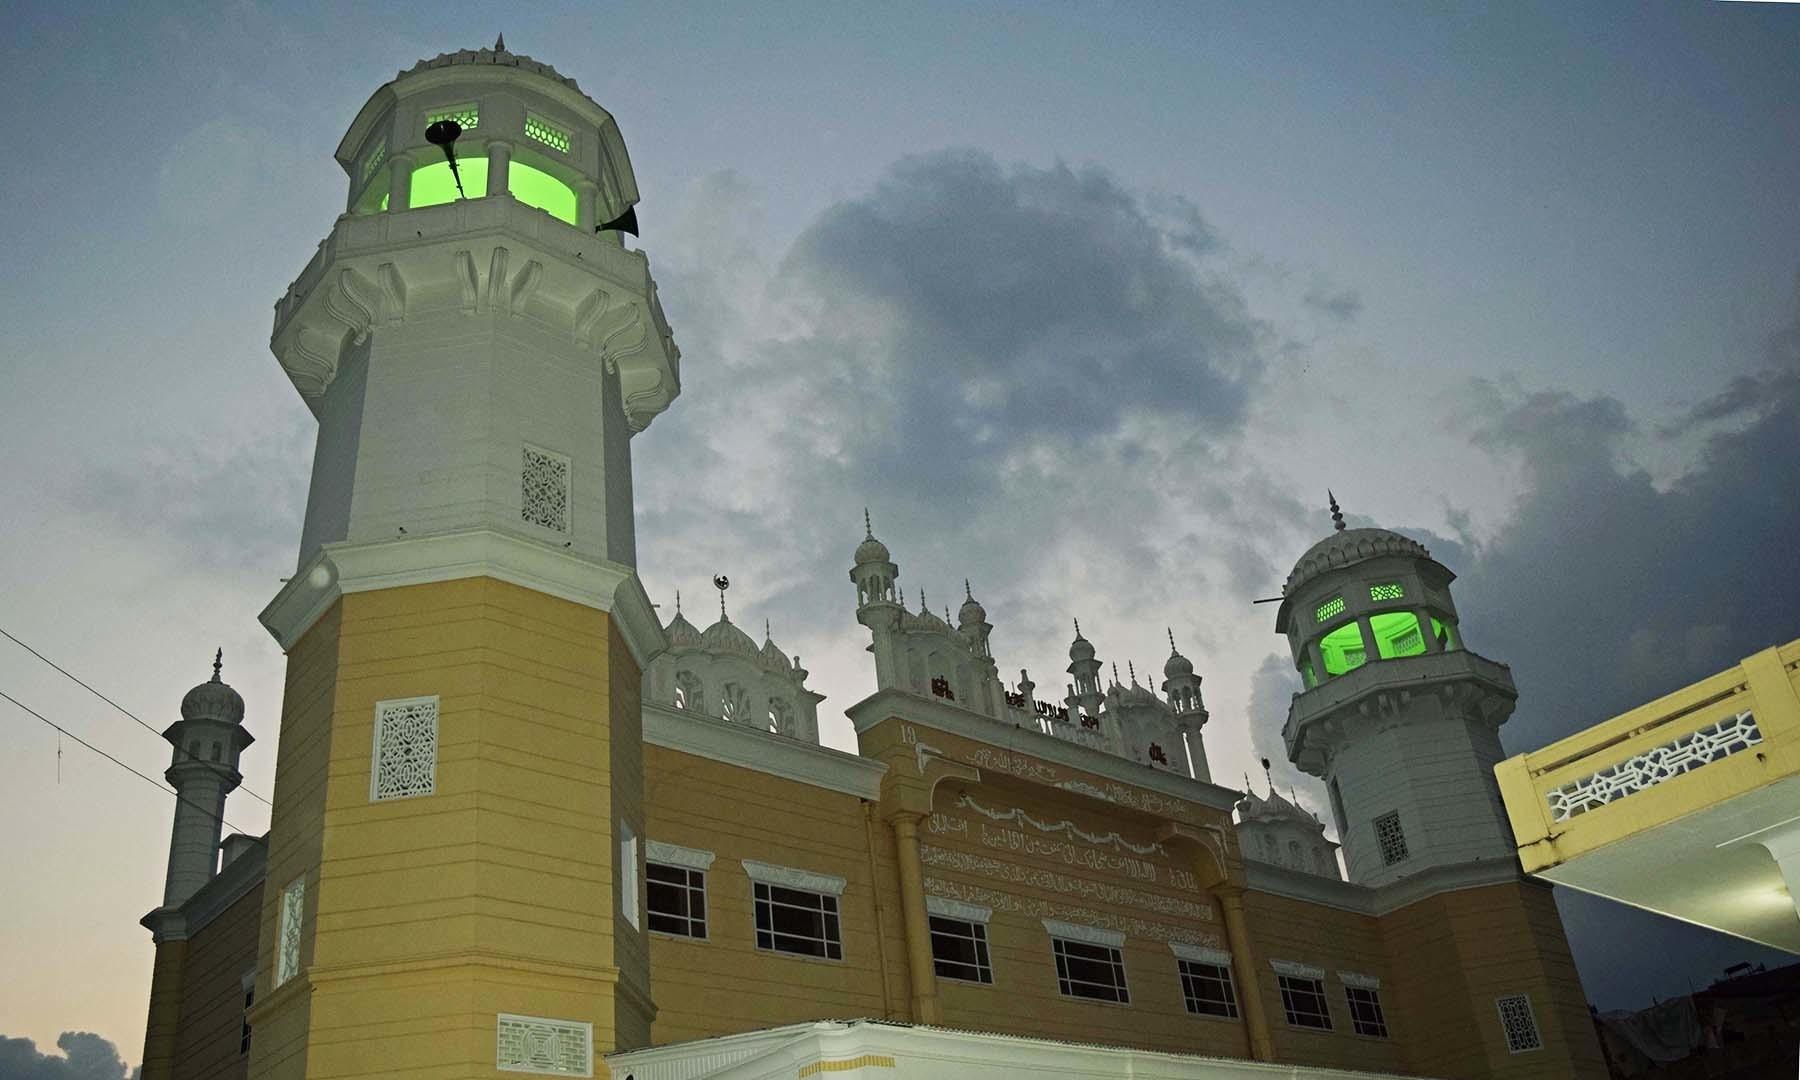 شام کے وقت سیدو بابا مسجد کے میناروں میں سبز رنگ کے قمقمے روشن ہیں— فوٹو امجد علی سحاب